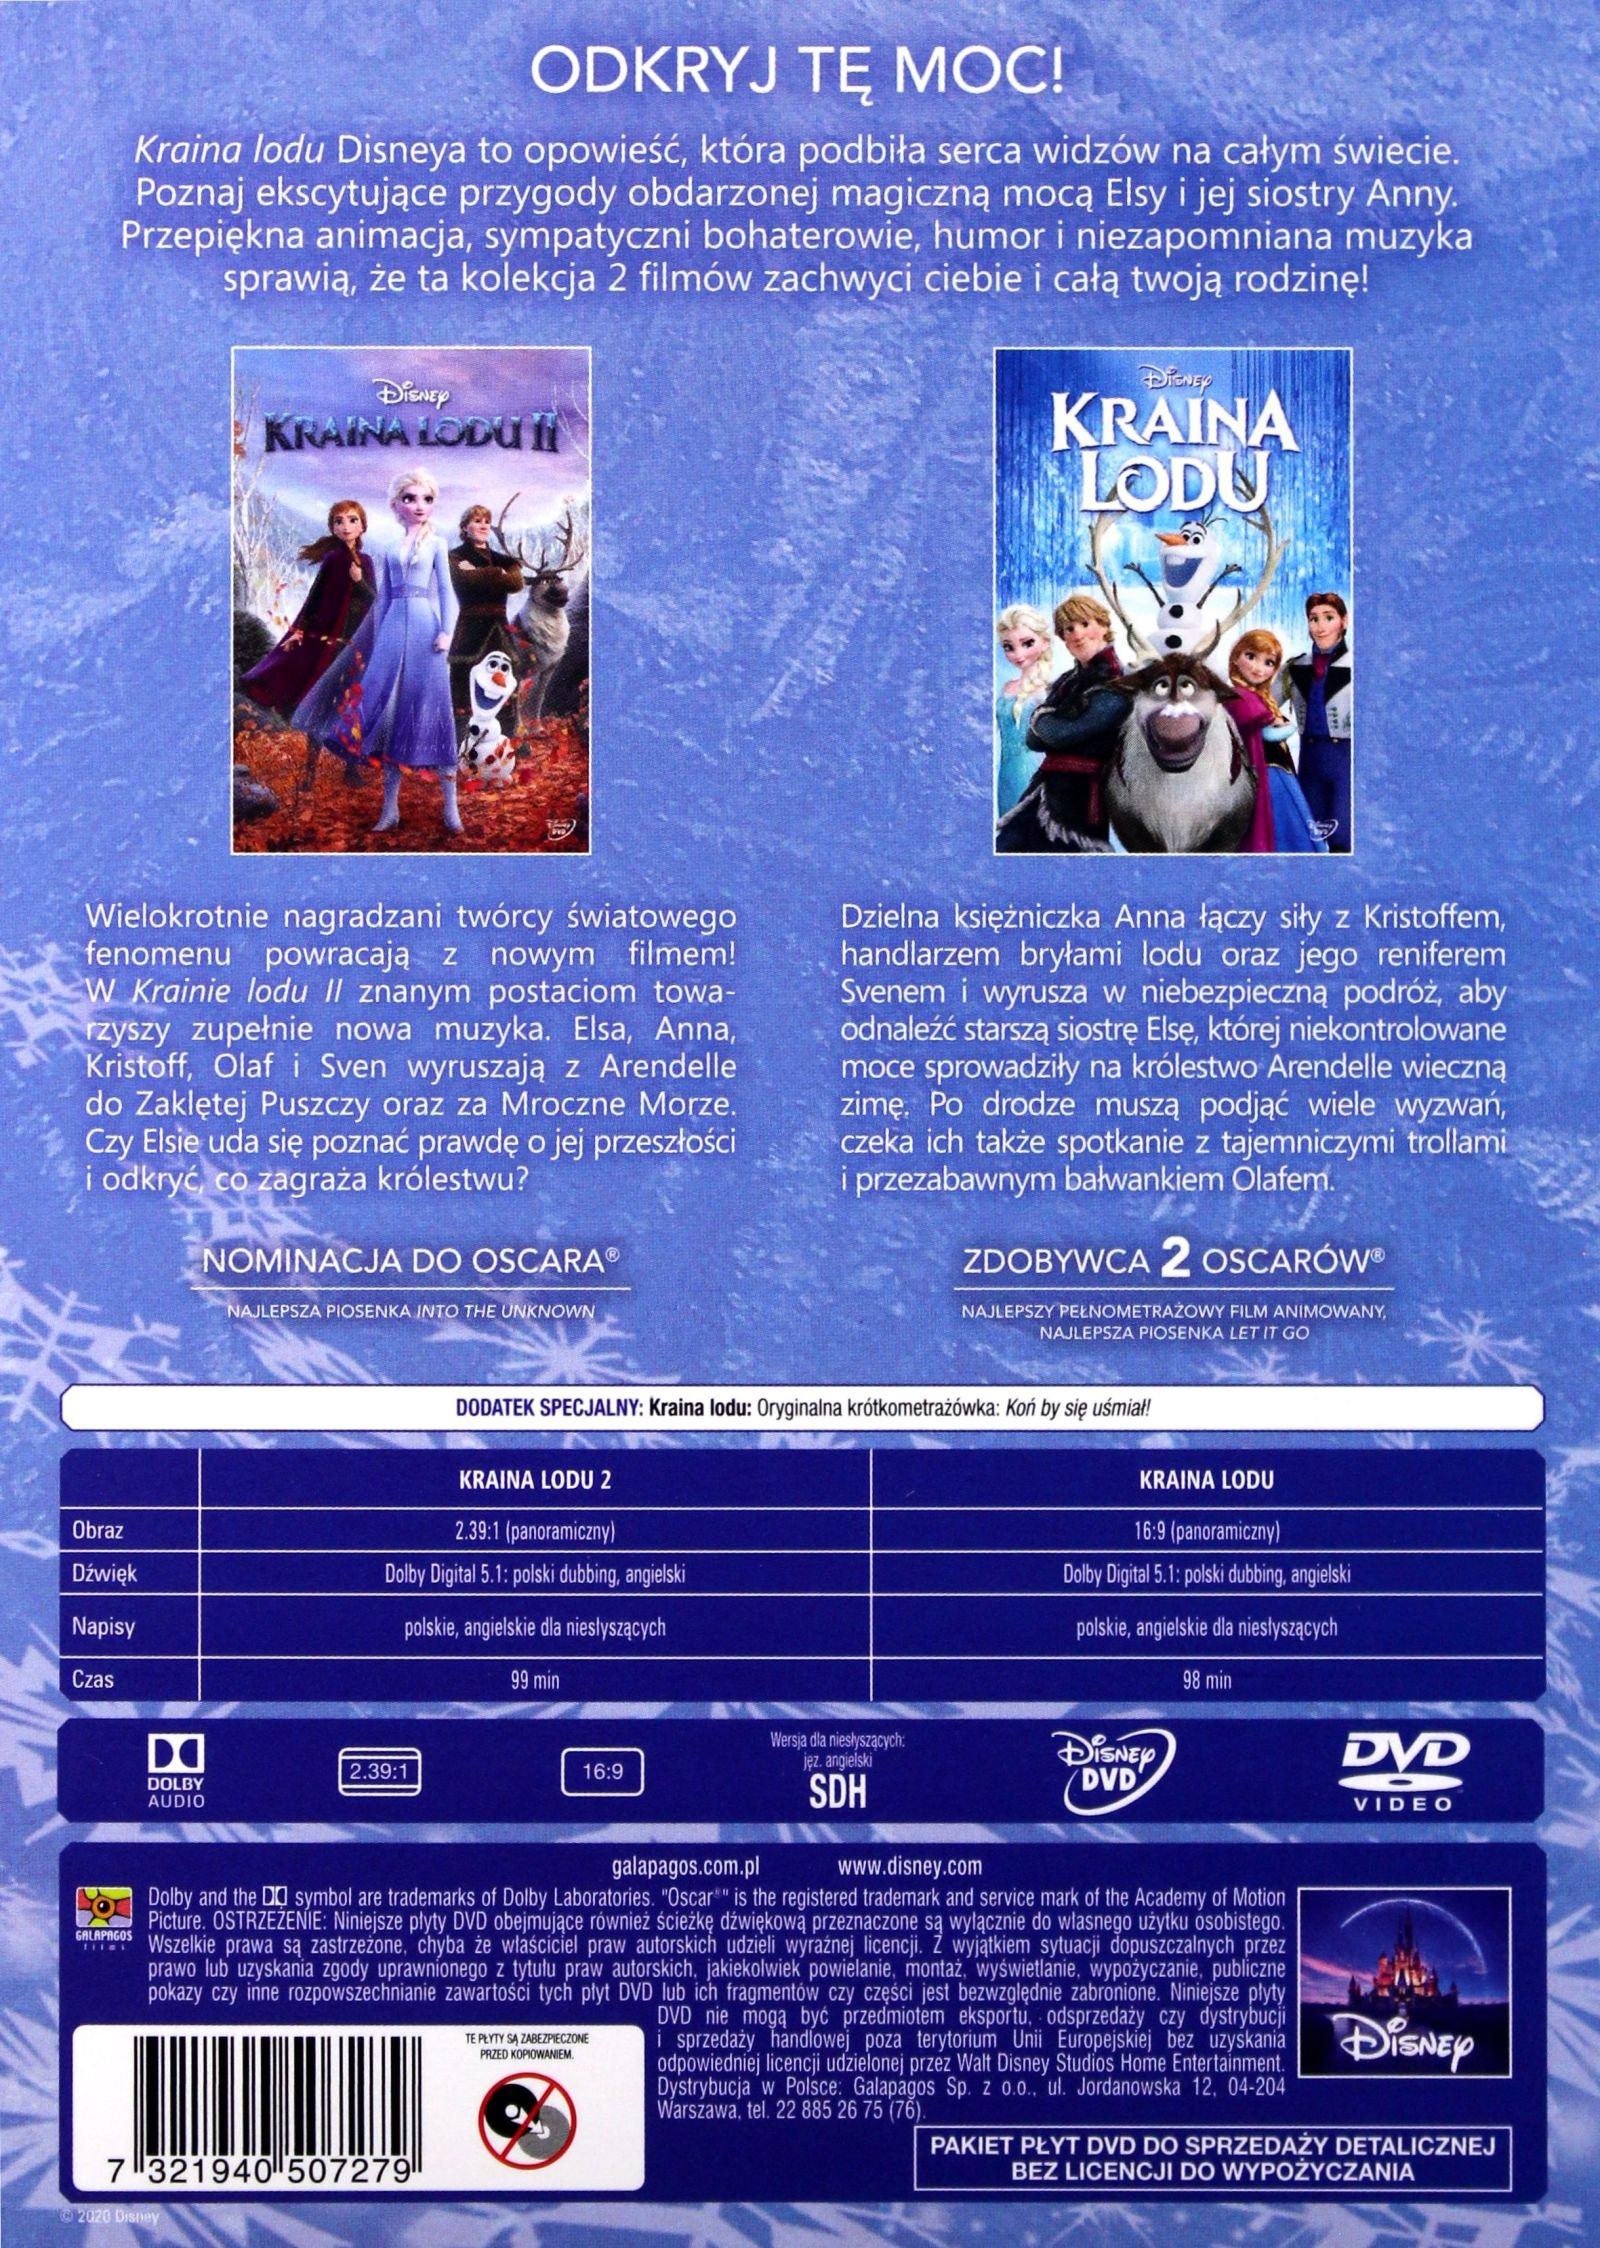 KRAINA LODU 1-2 (DISNEY) (BOX) (DVD)